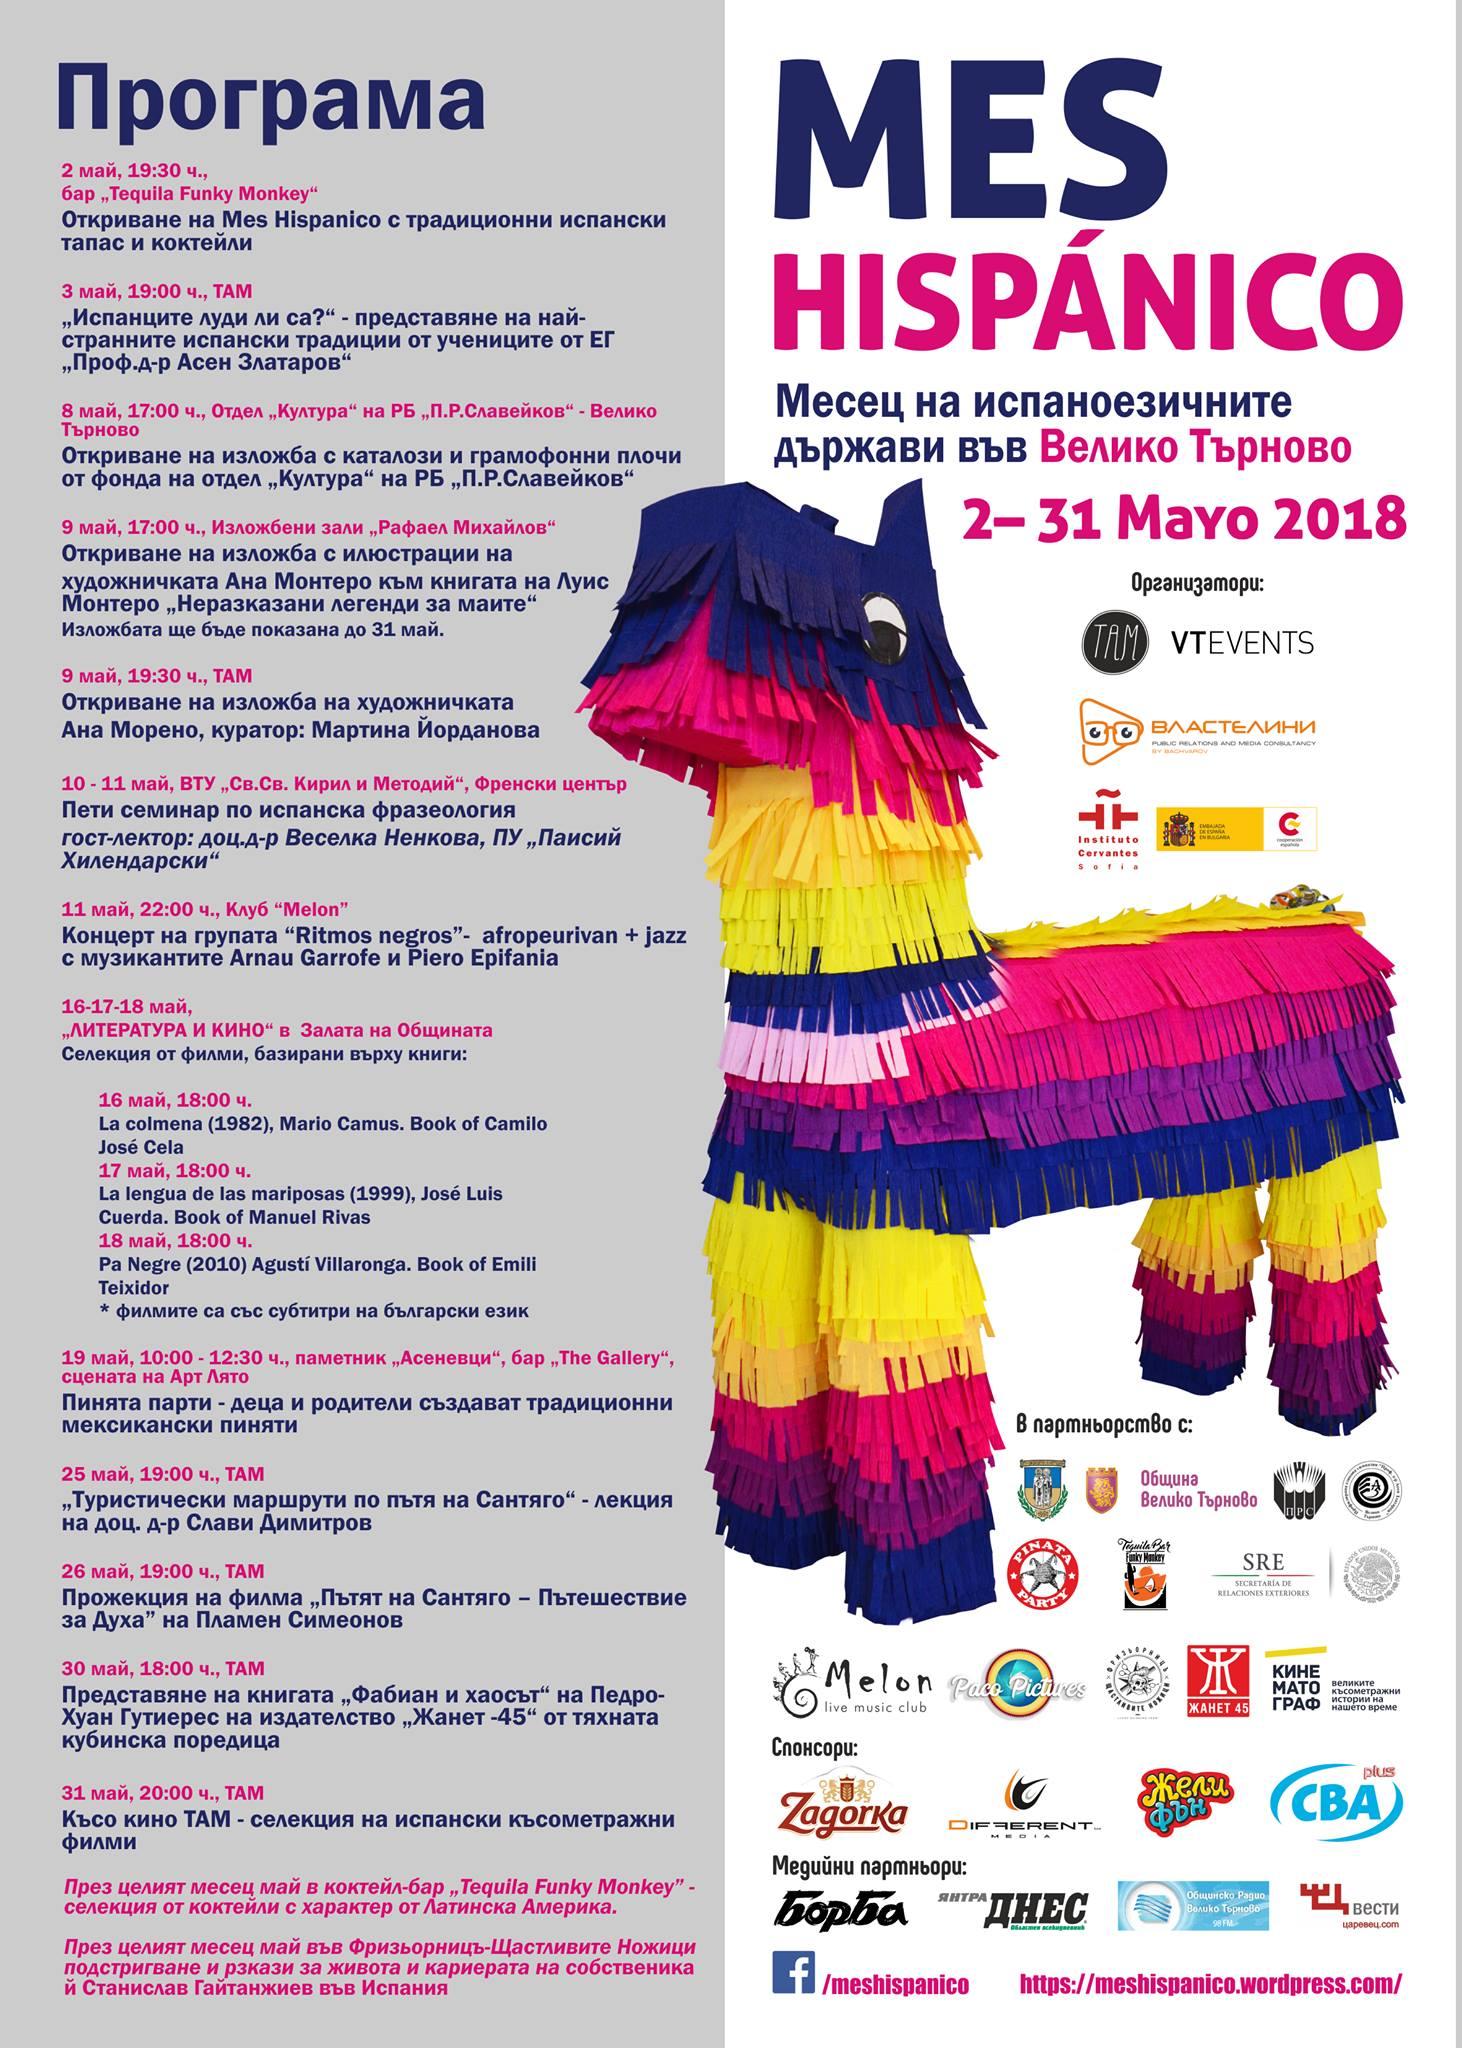 Mes Hispanico 2 – 31 Mayo 2018